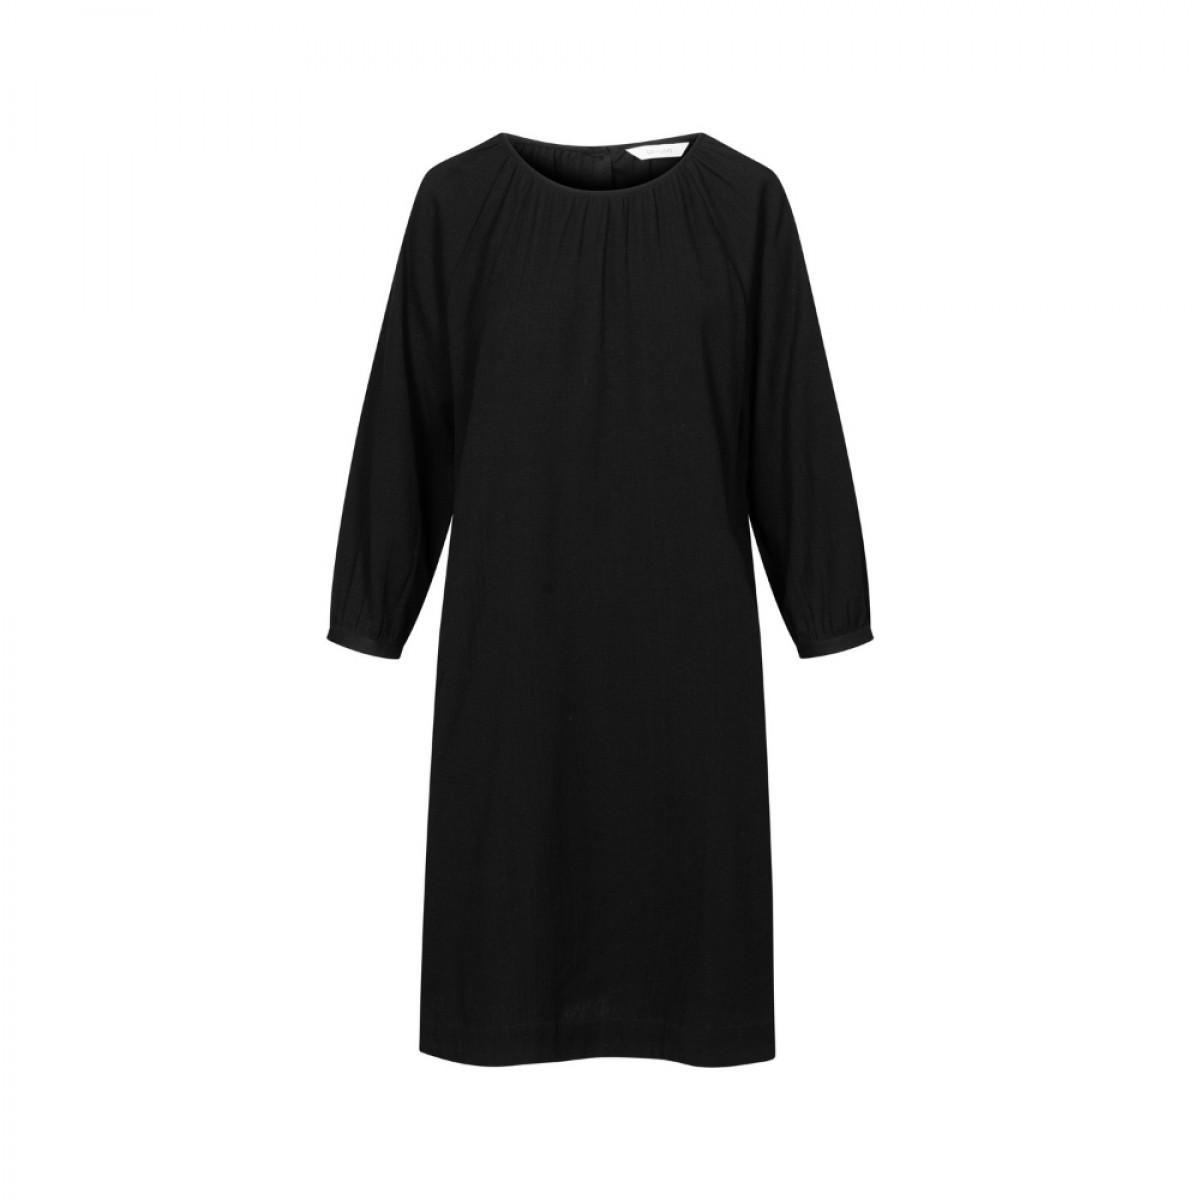 ea kjole - black